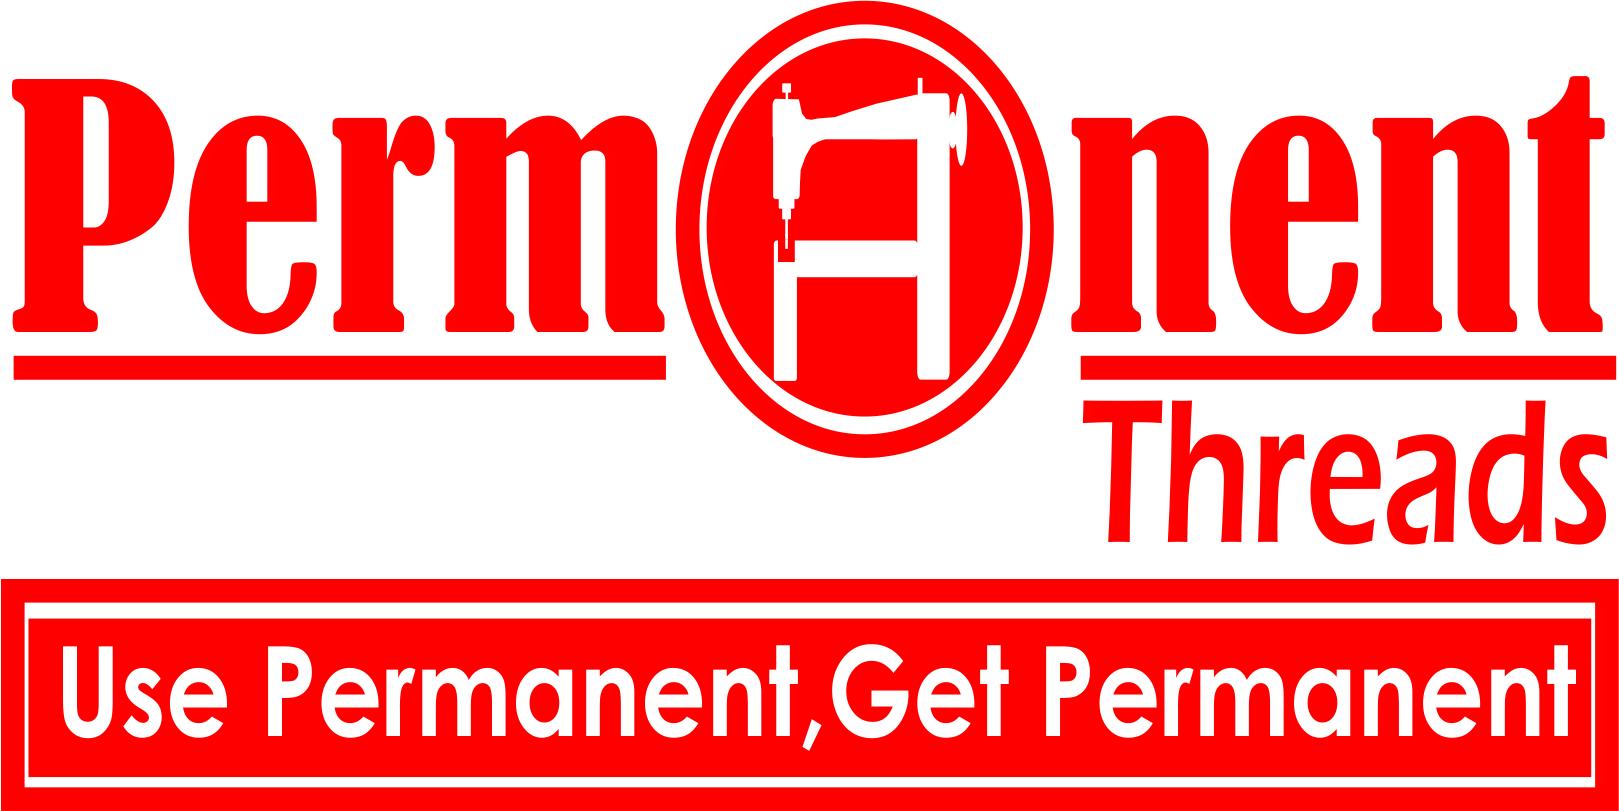 PERMANENT MART